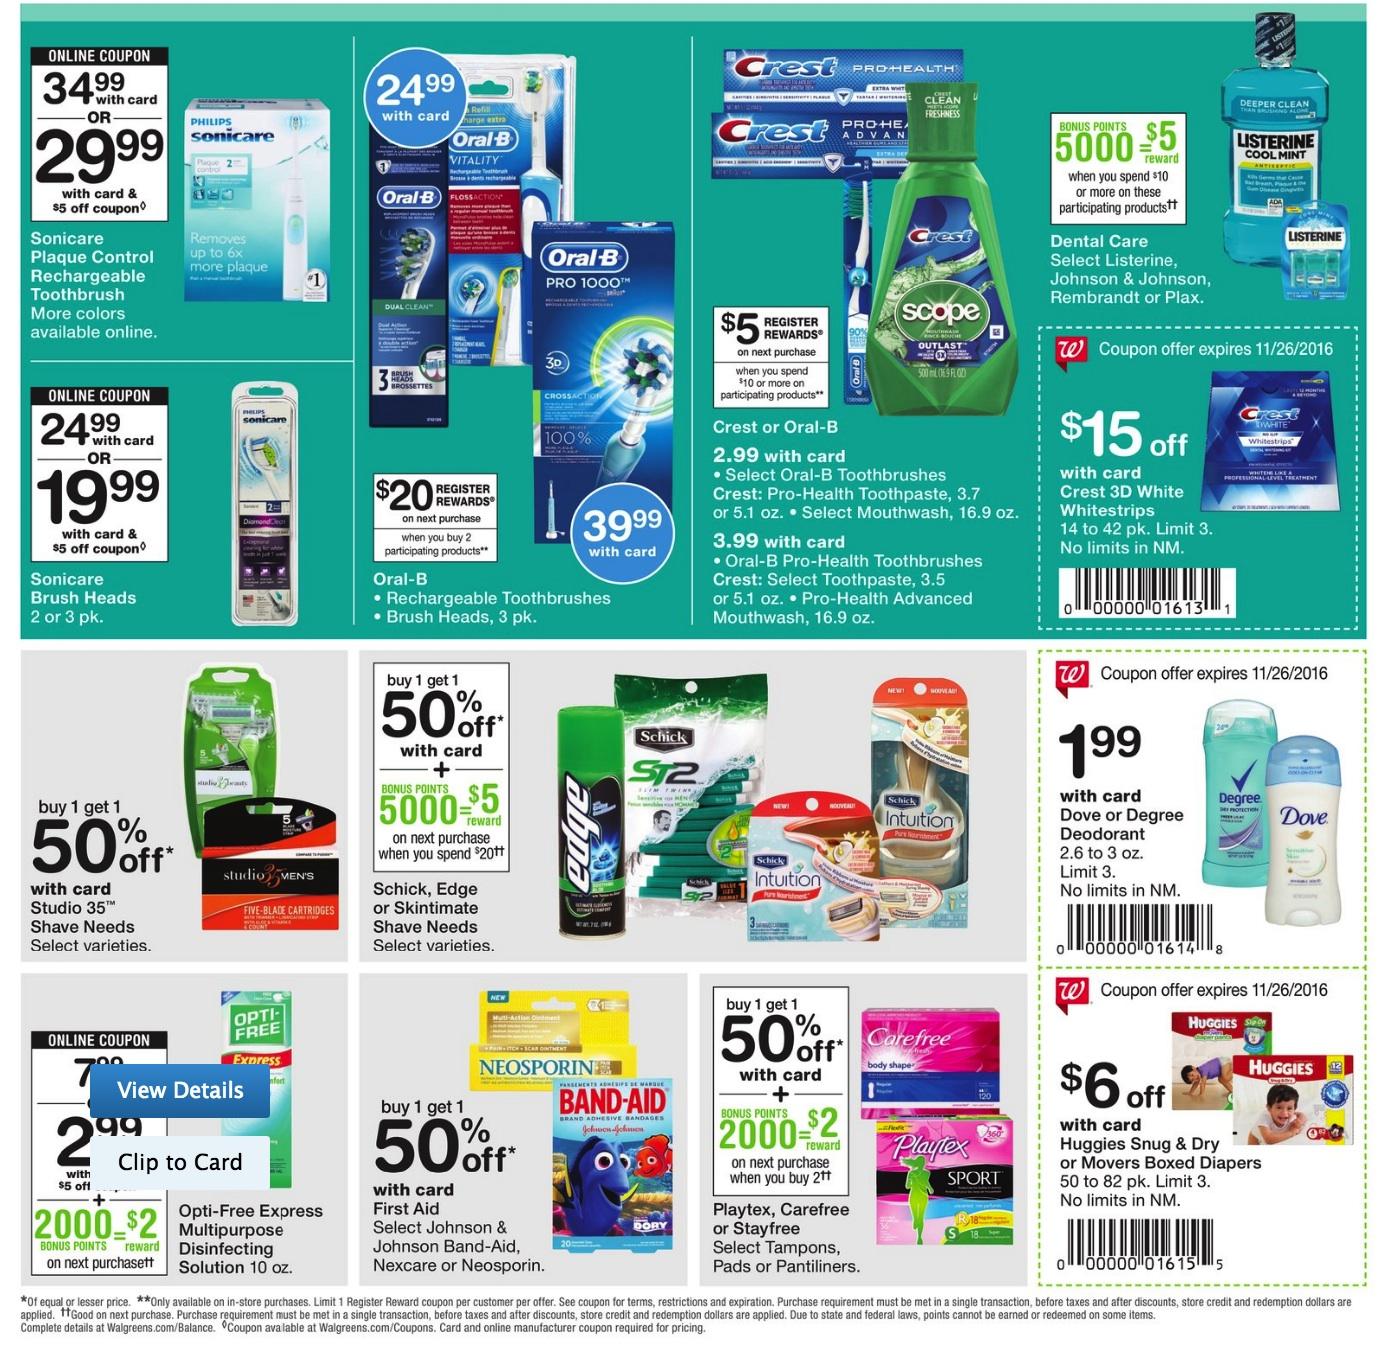 Walgreens Black Friday 2019 Ad & Cyber Monday Deals - Funtober